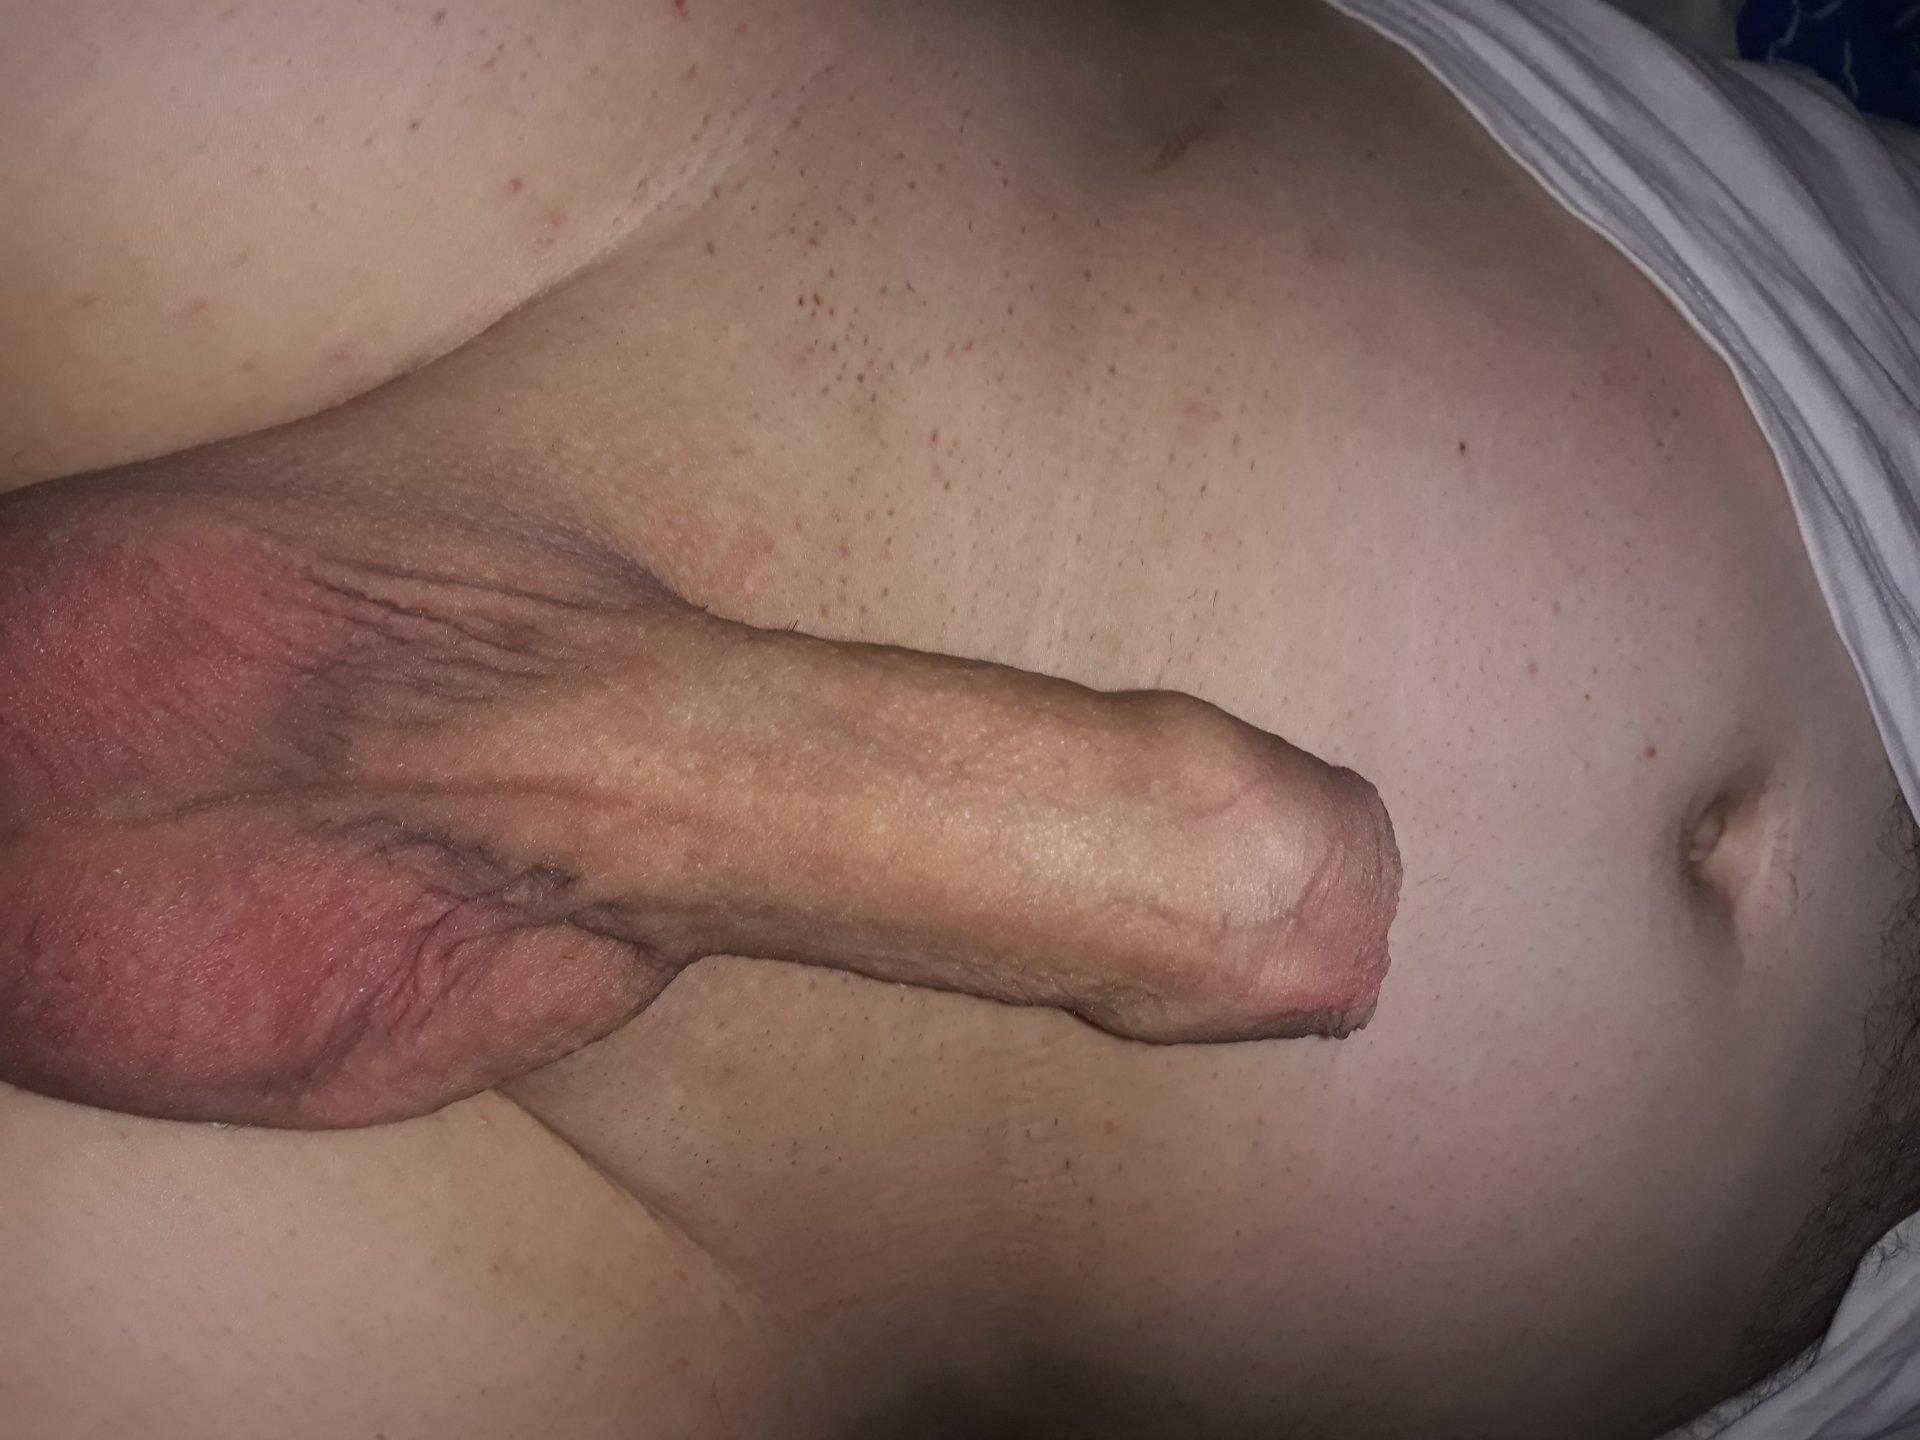 Danny82  uit Oost-Vlaanderen,Belgie